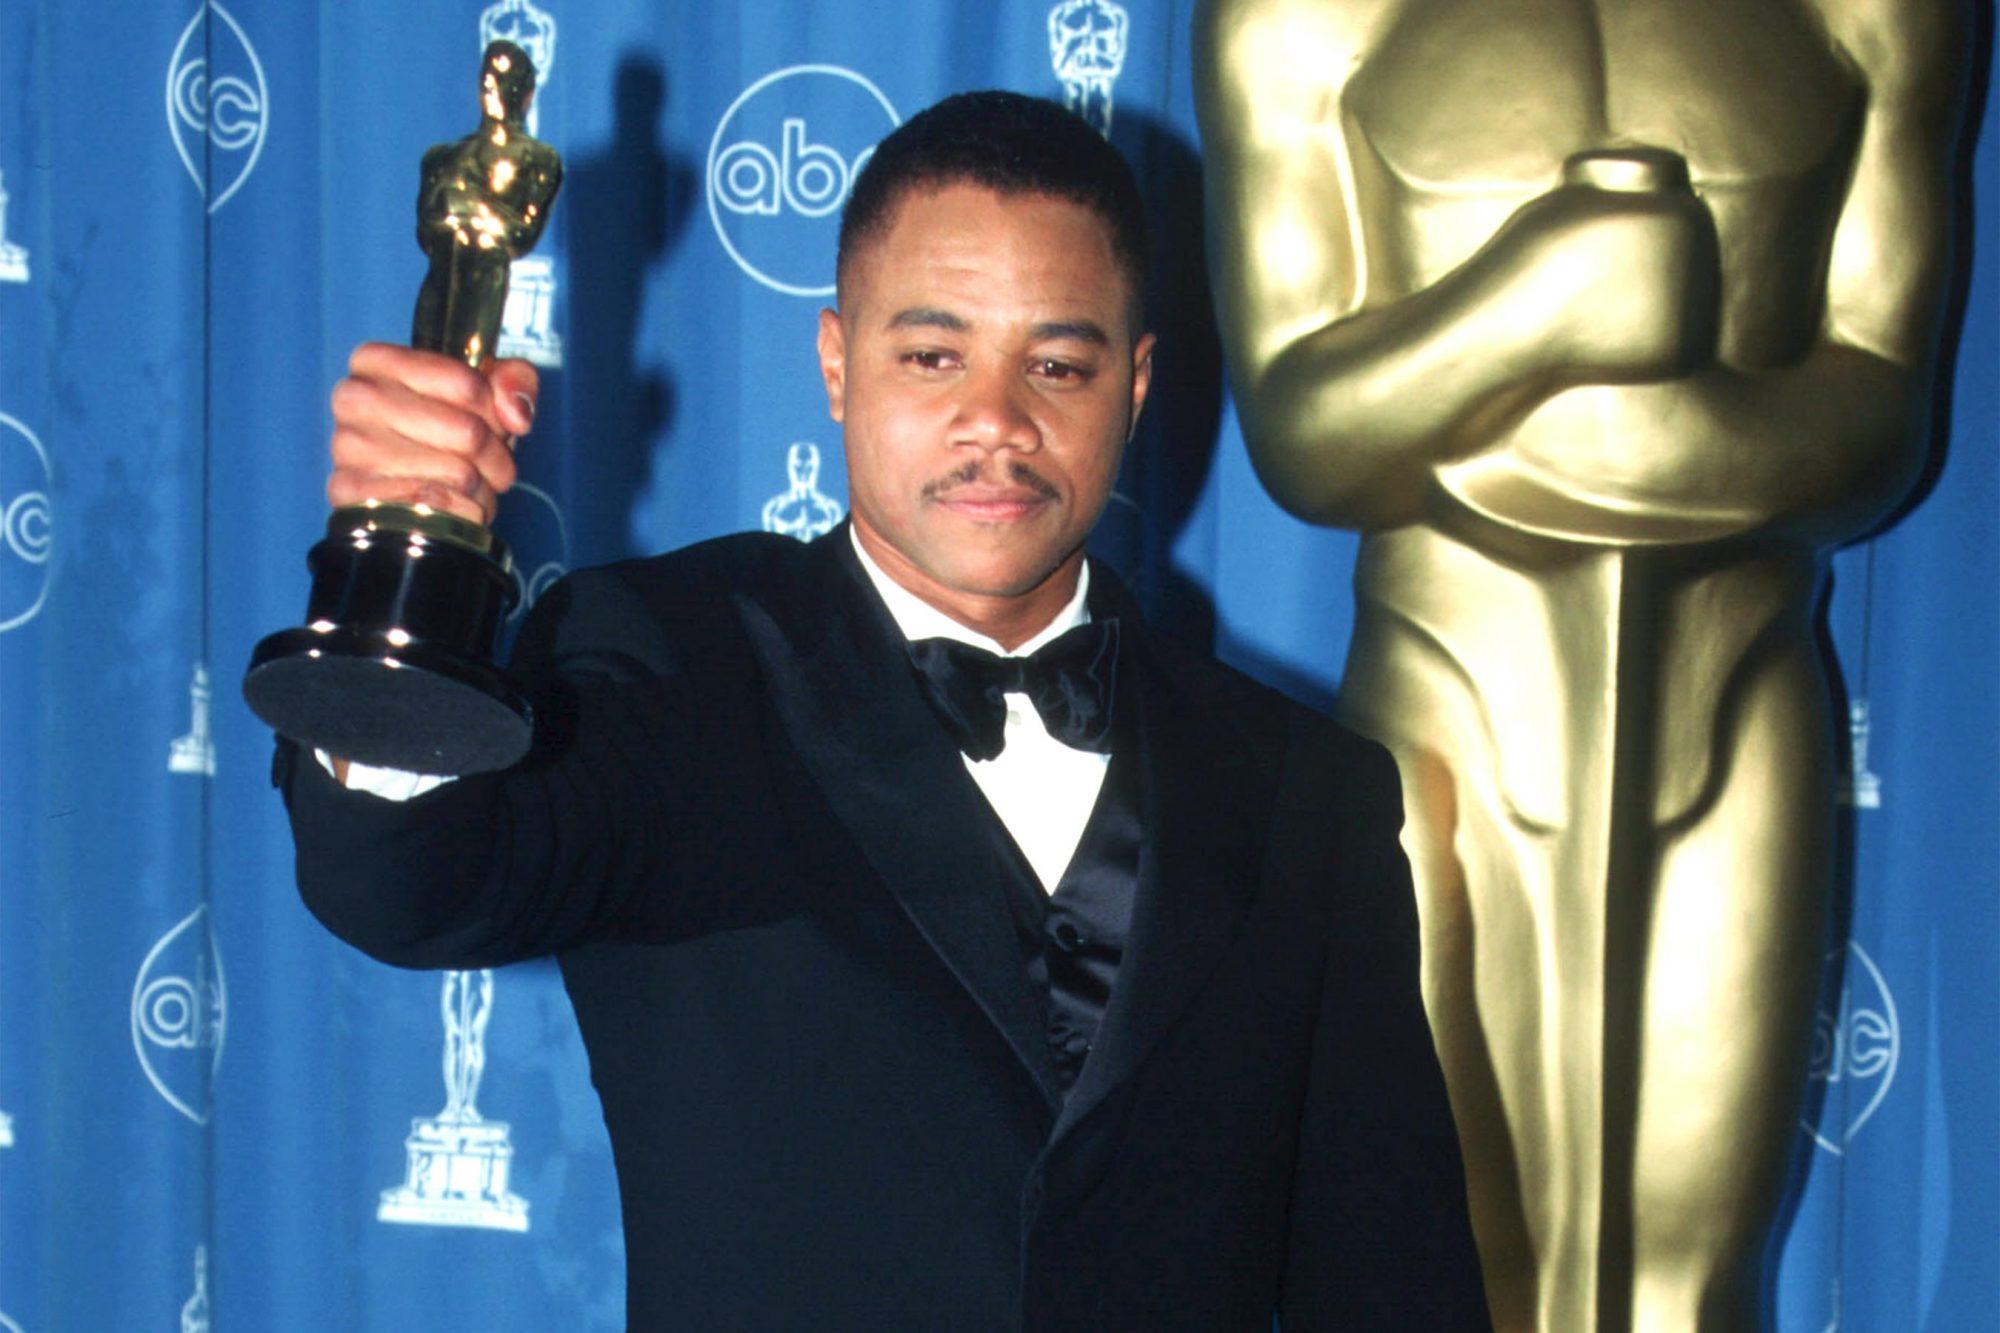 69th Annual Academy Awards